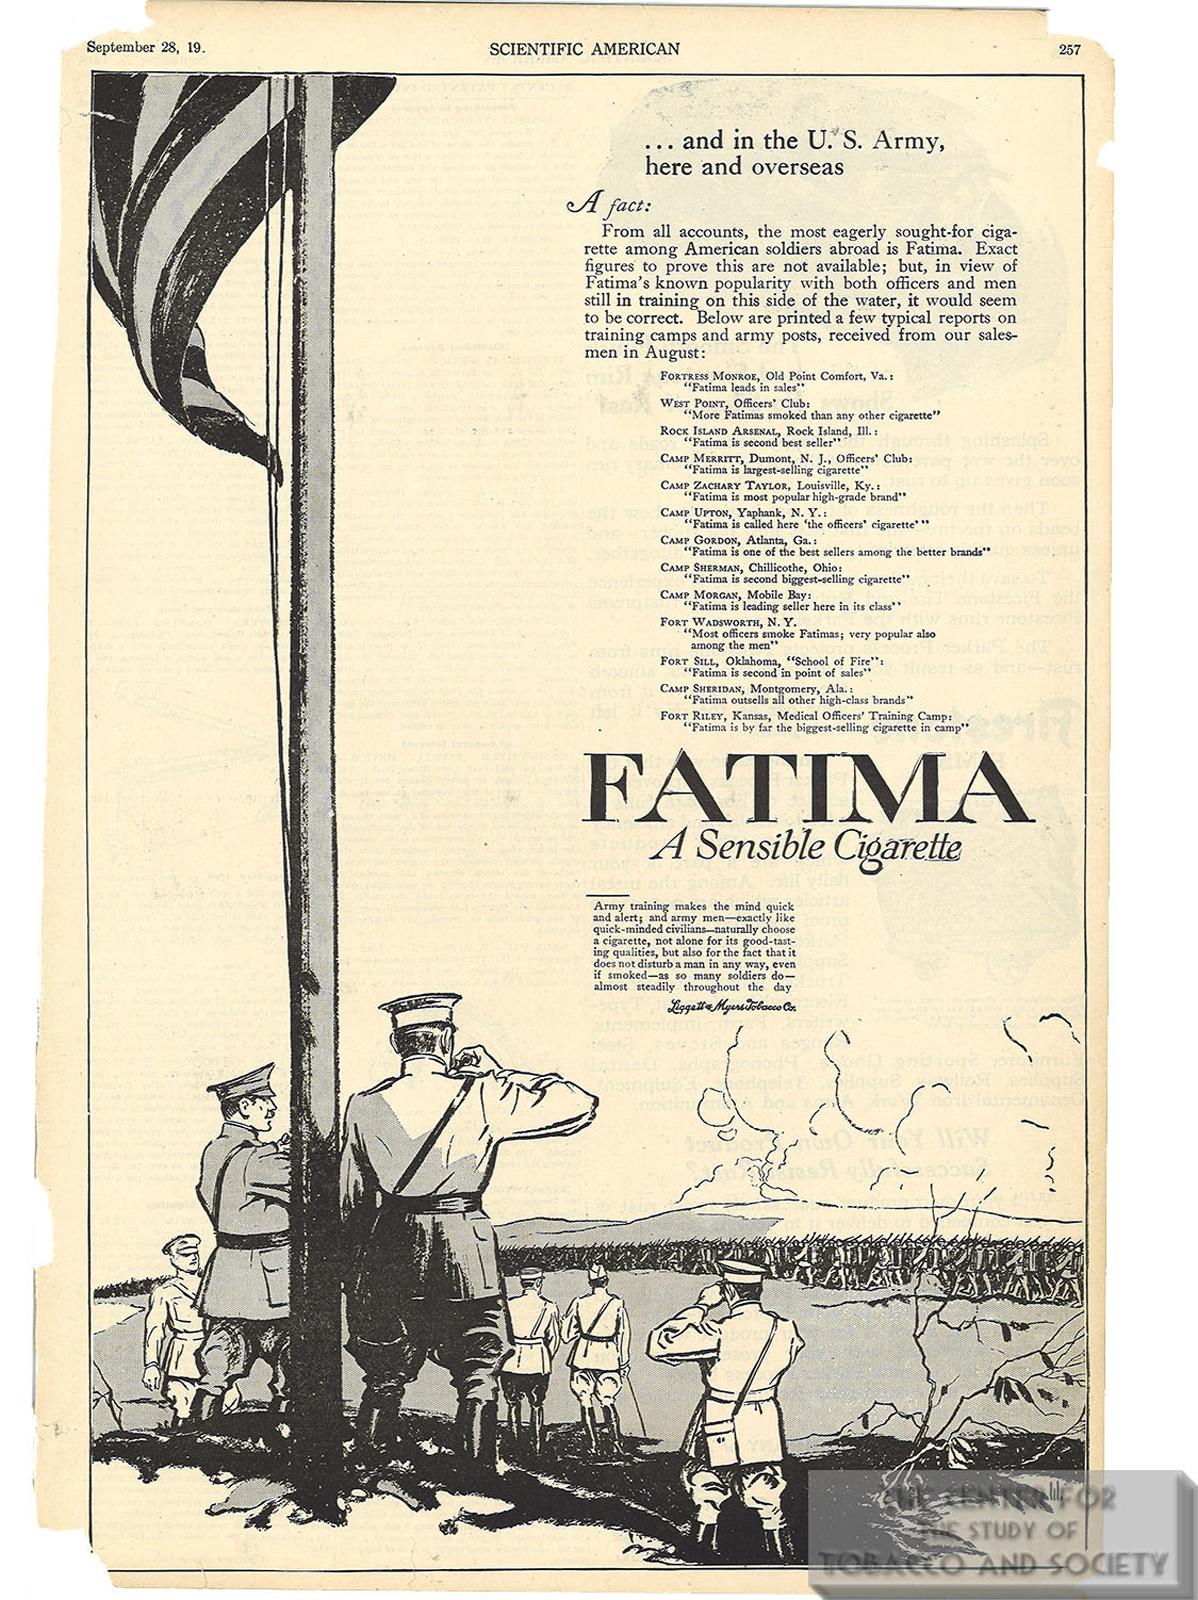 1918 09 28 Scientific American Fatima Ad In the US Army